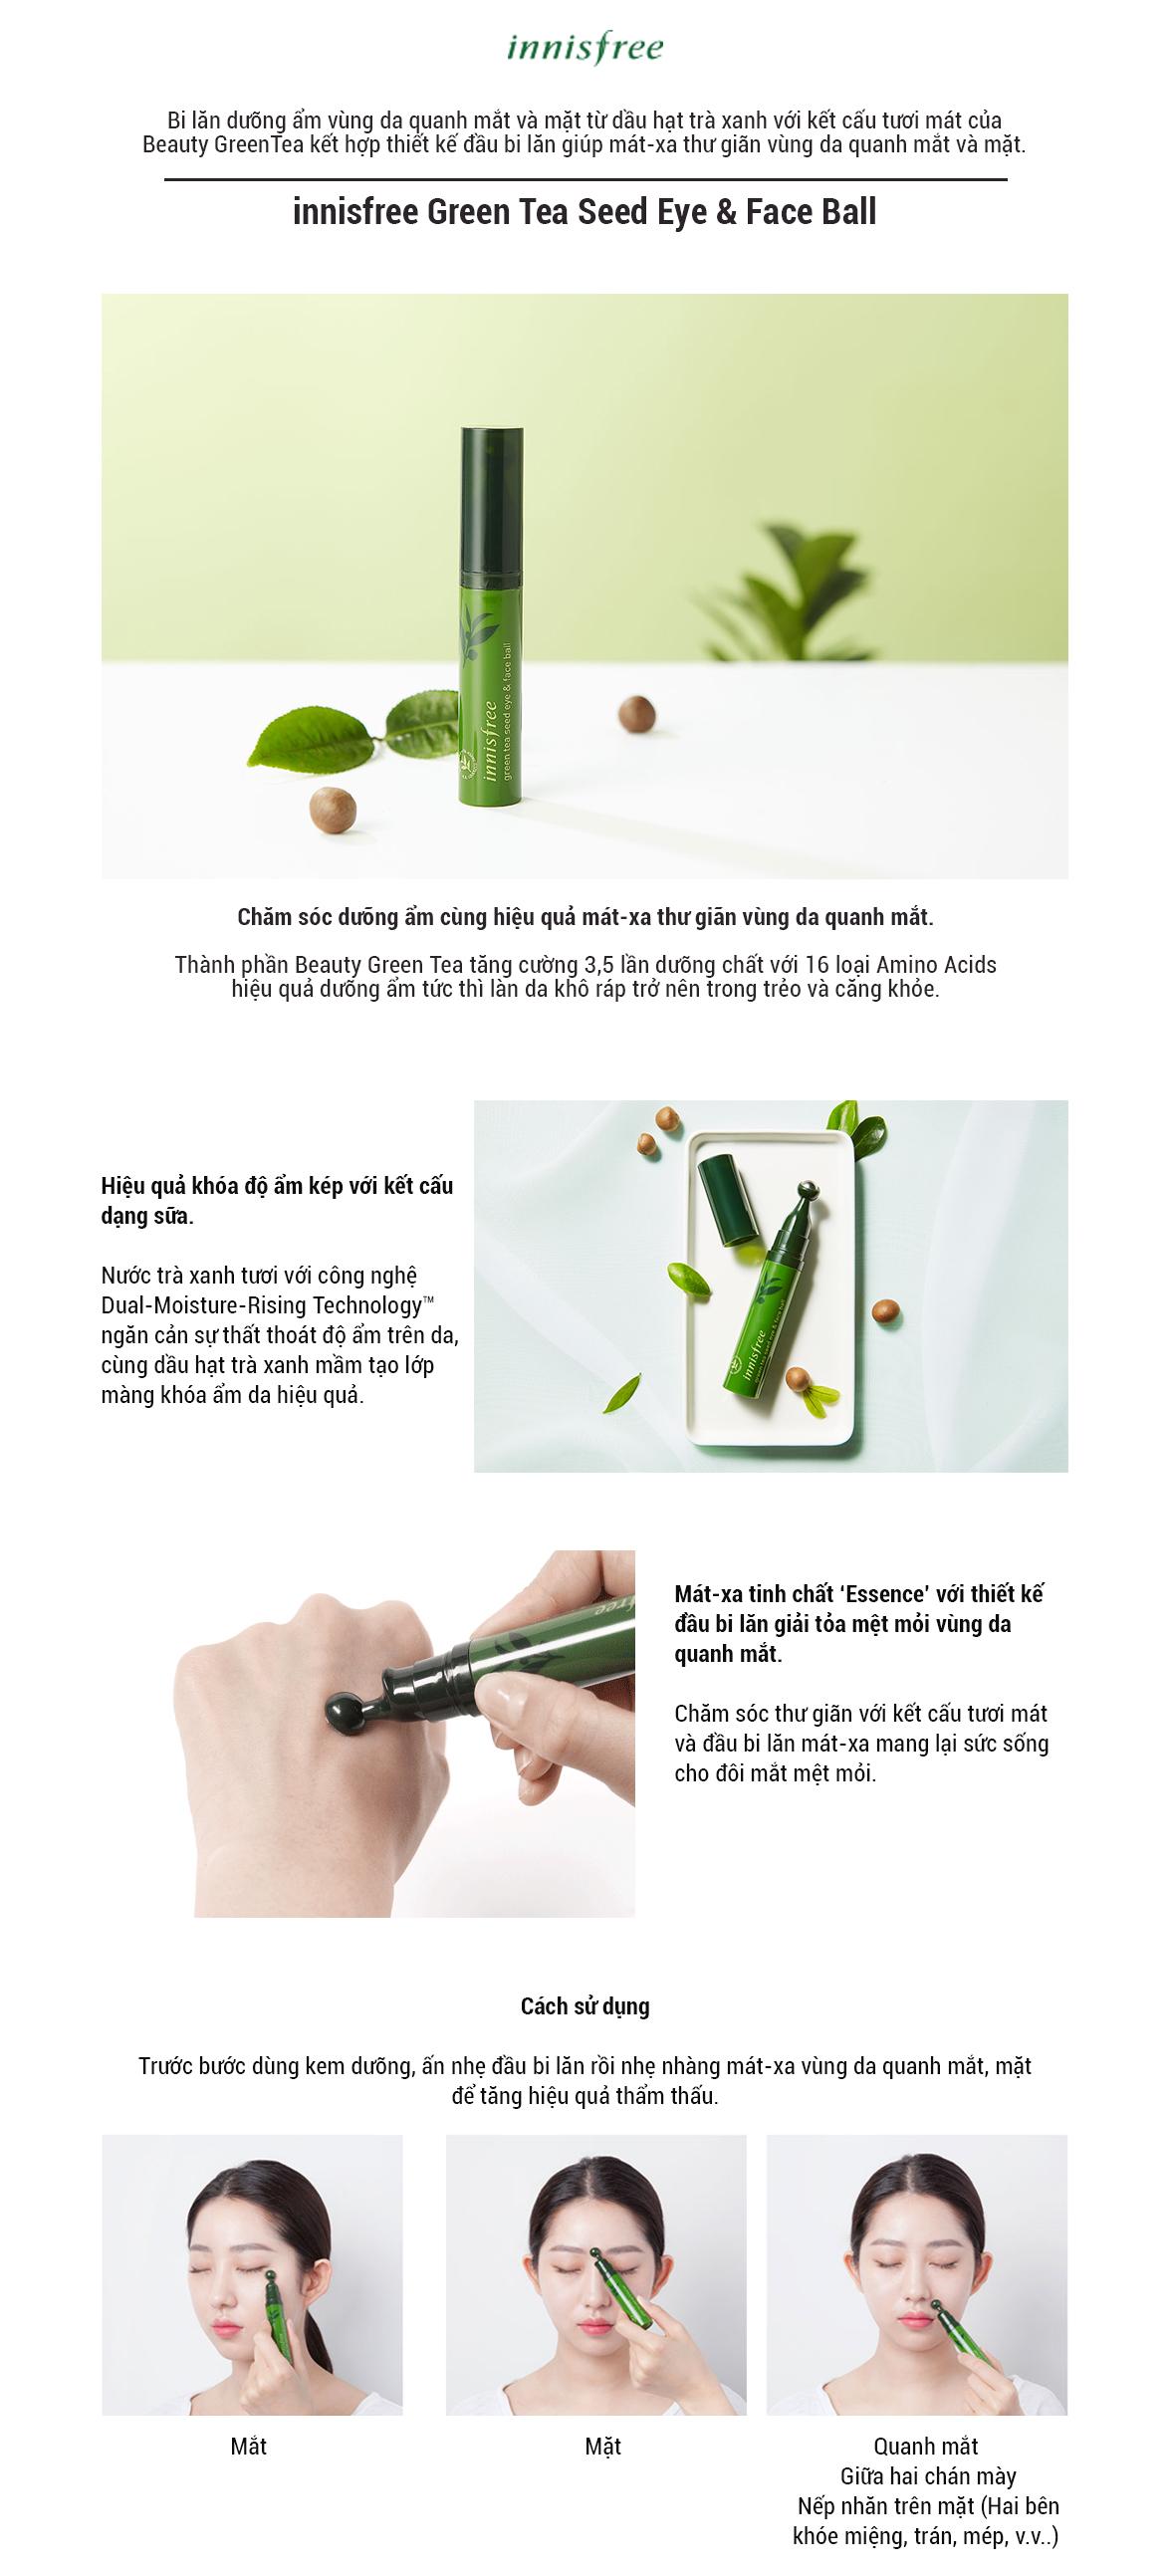 Tinh Chất Dưỡng Mắt & Mặt Dạng Đầu Lăn Massage Từ Trà Xanh Và Dầu Hạt Trà Xanh Tươi Innisfree Green Tea Seed Eye & Face Ball (10ml) (New)